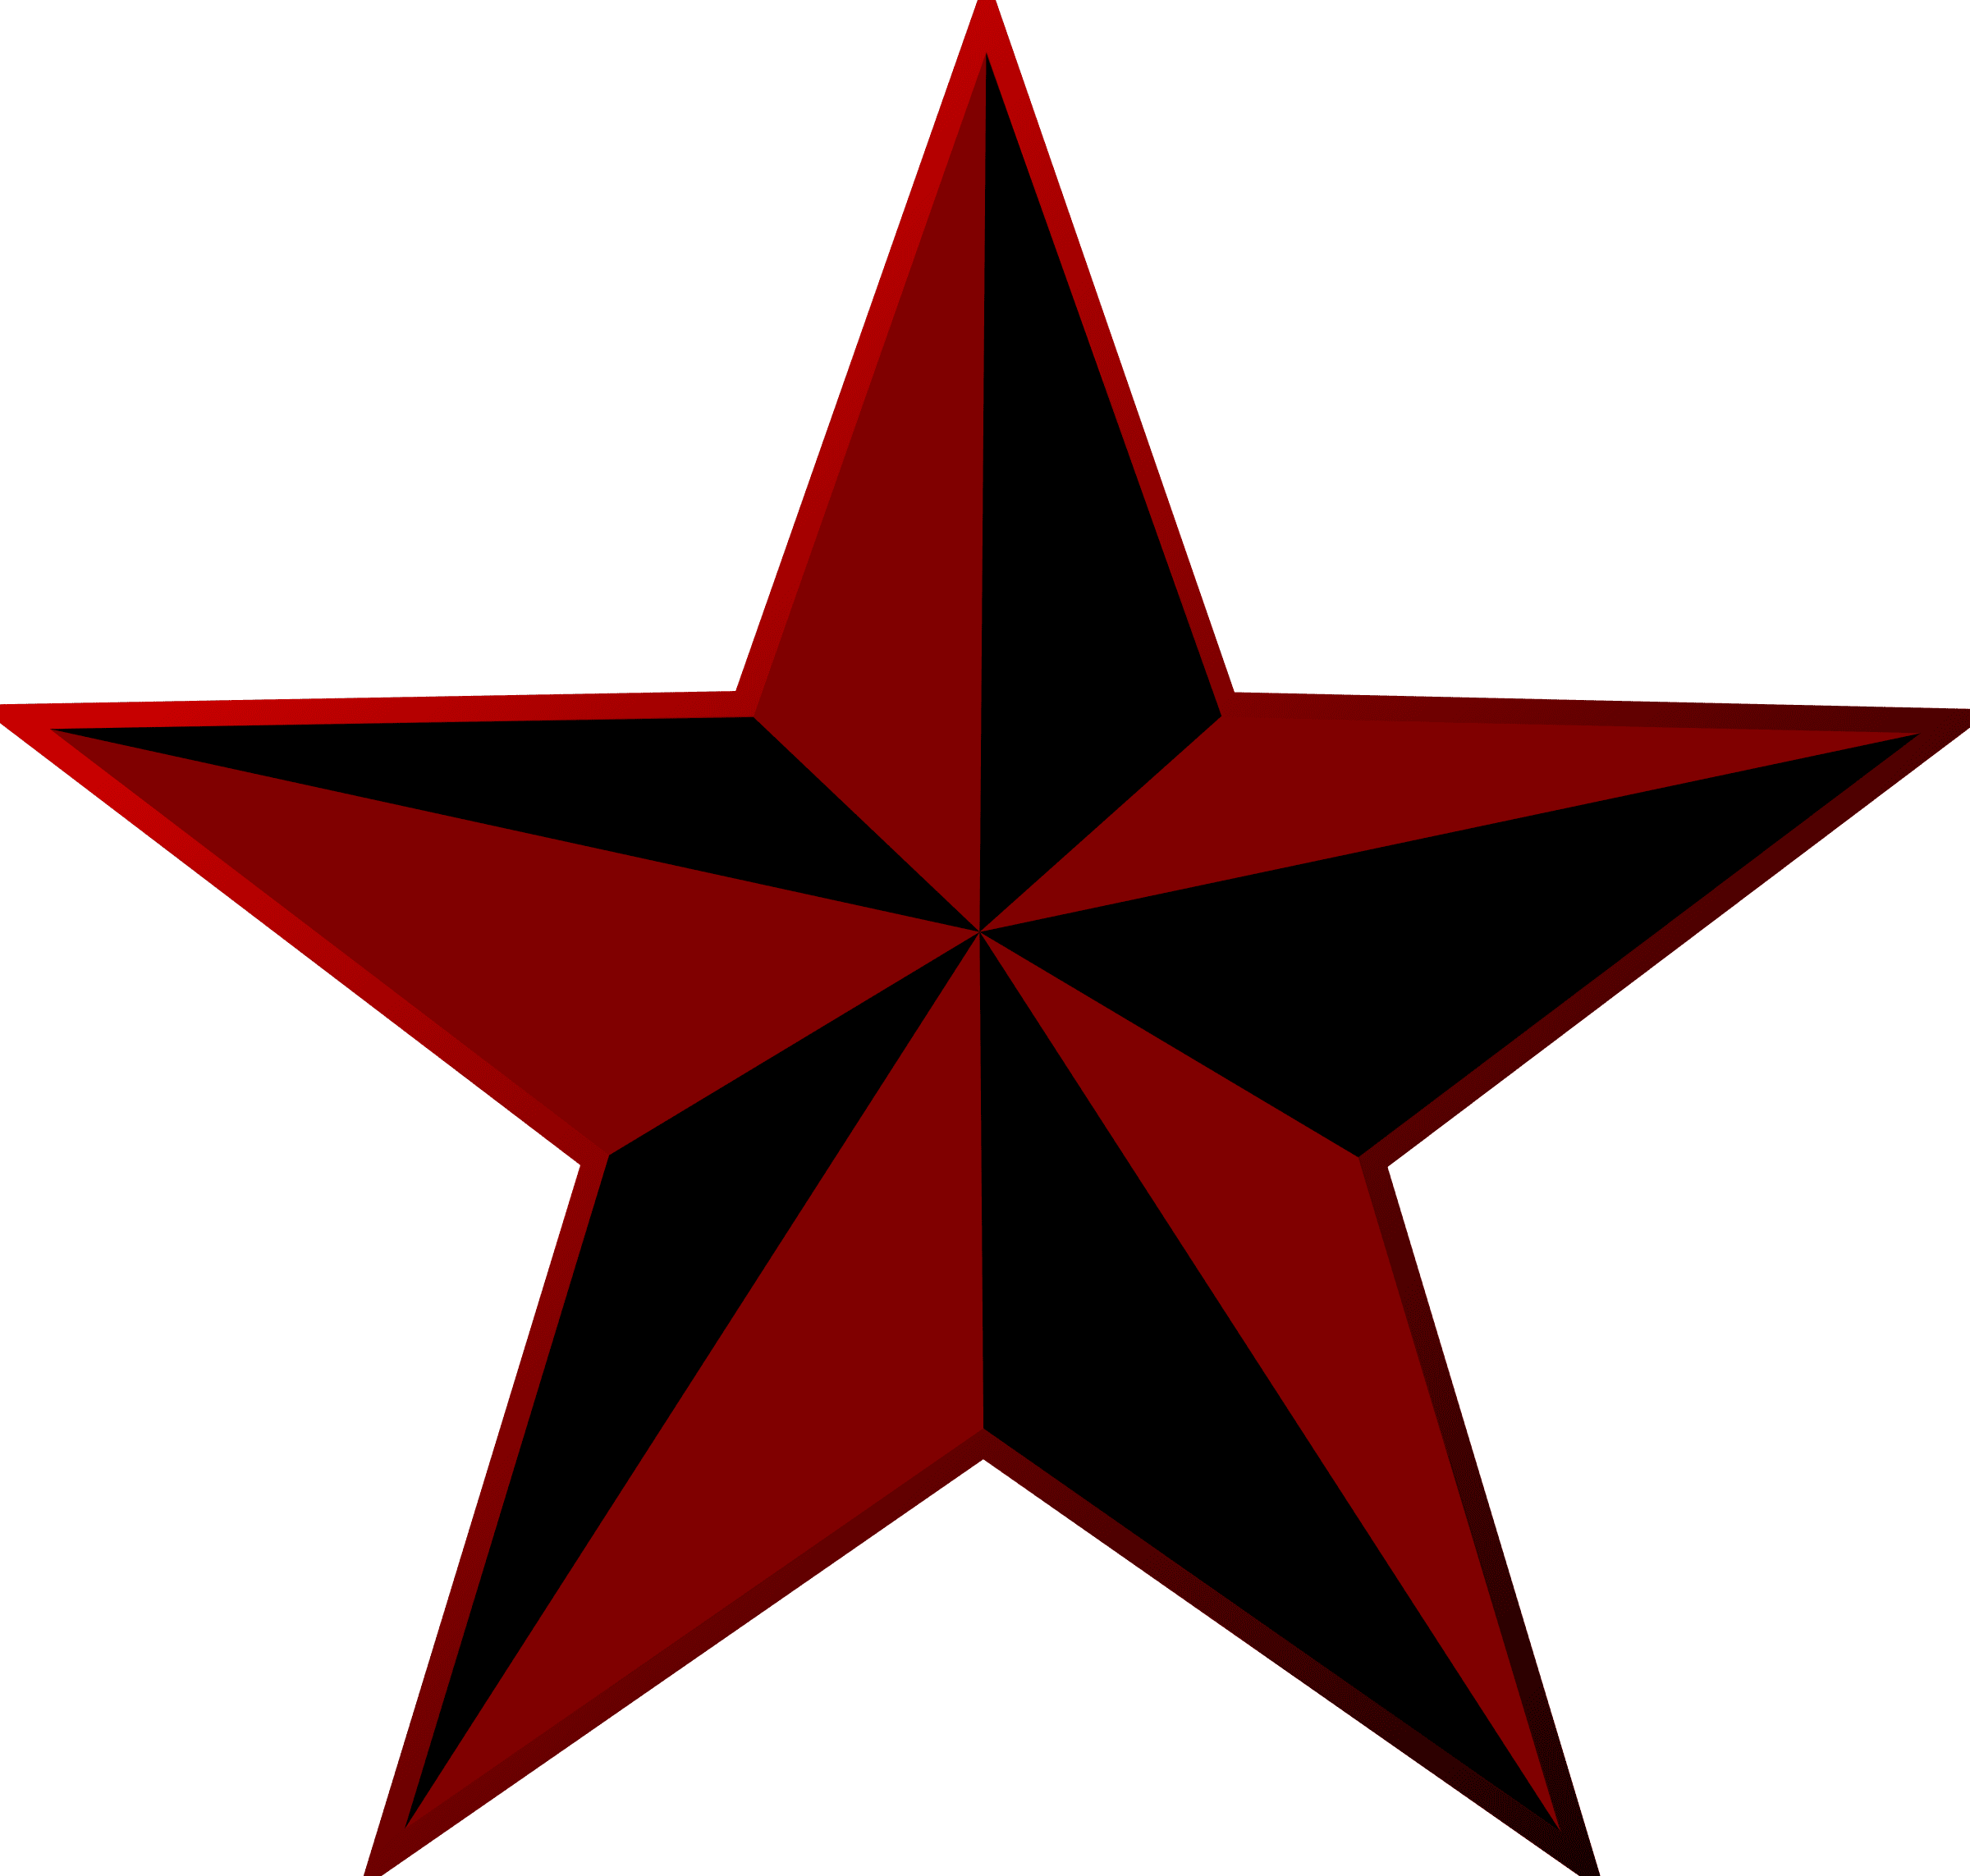 Clipart - Punk Star